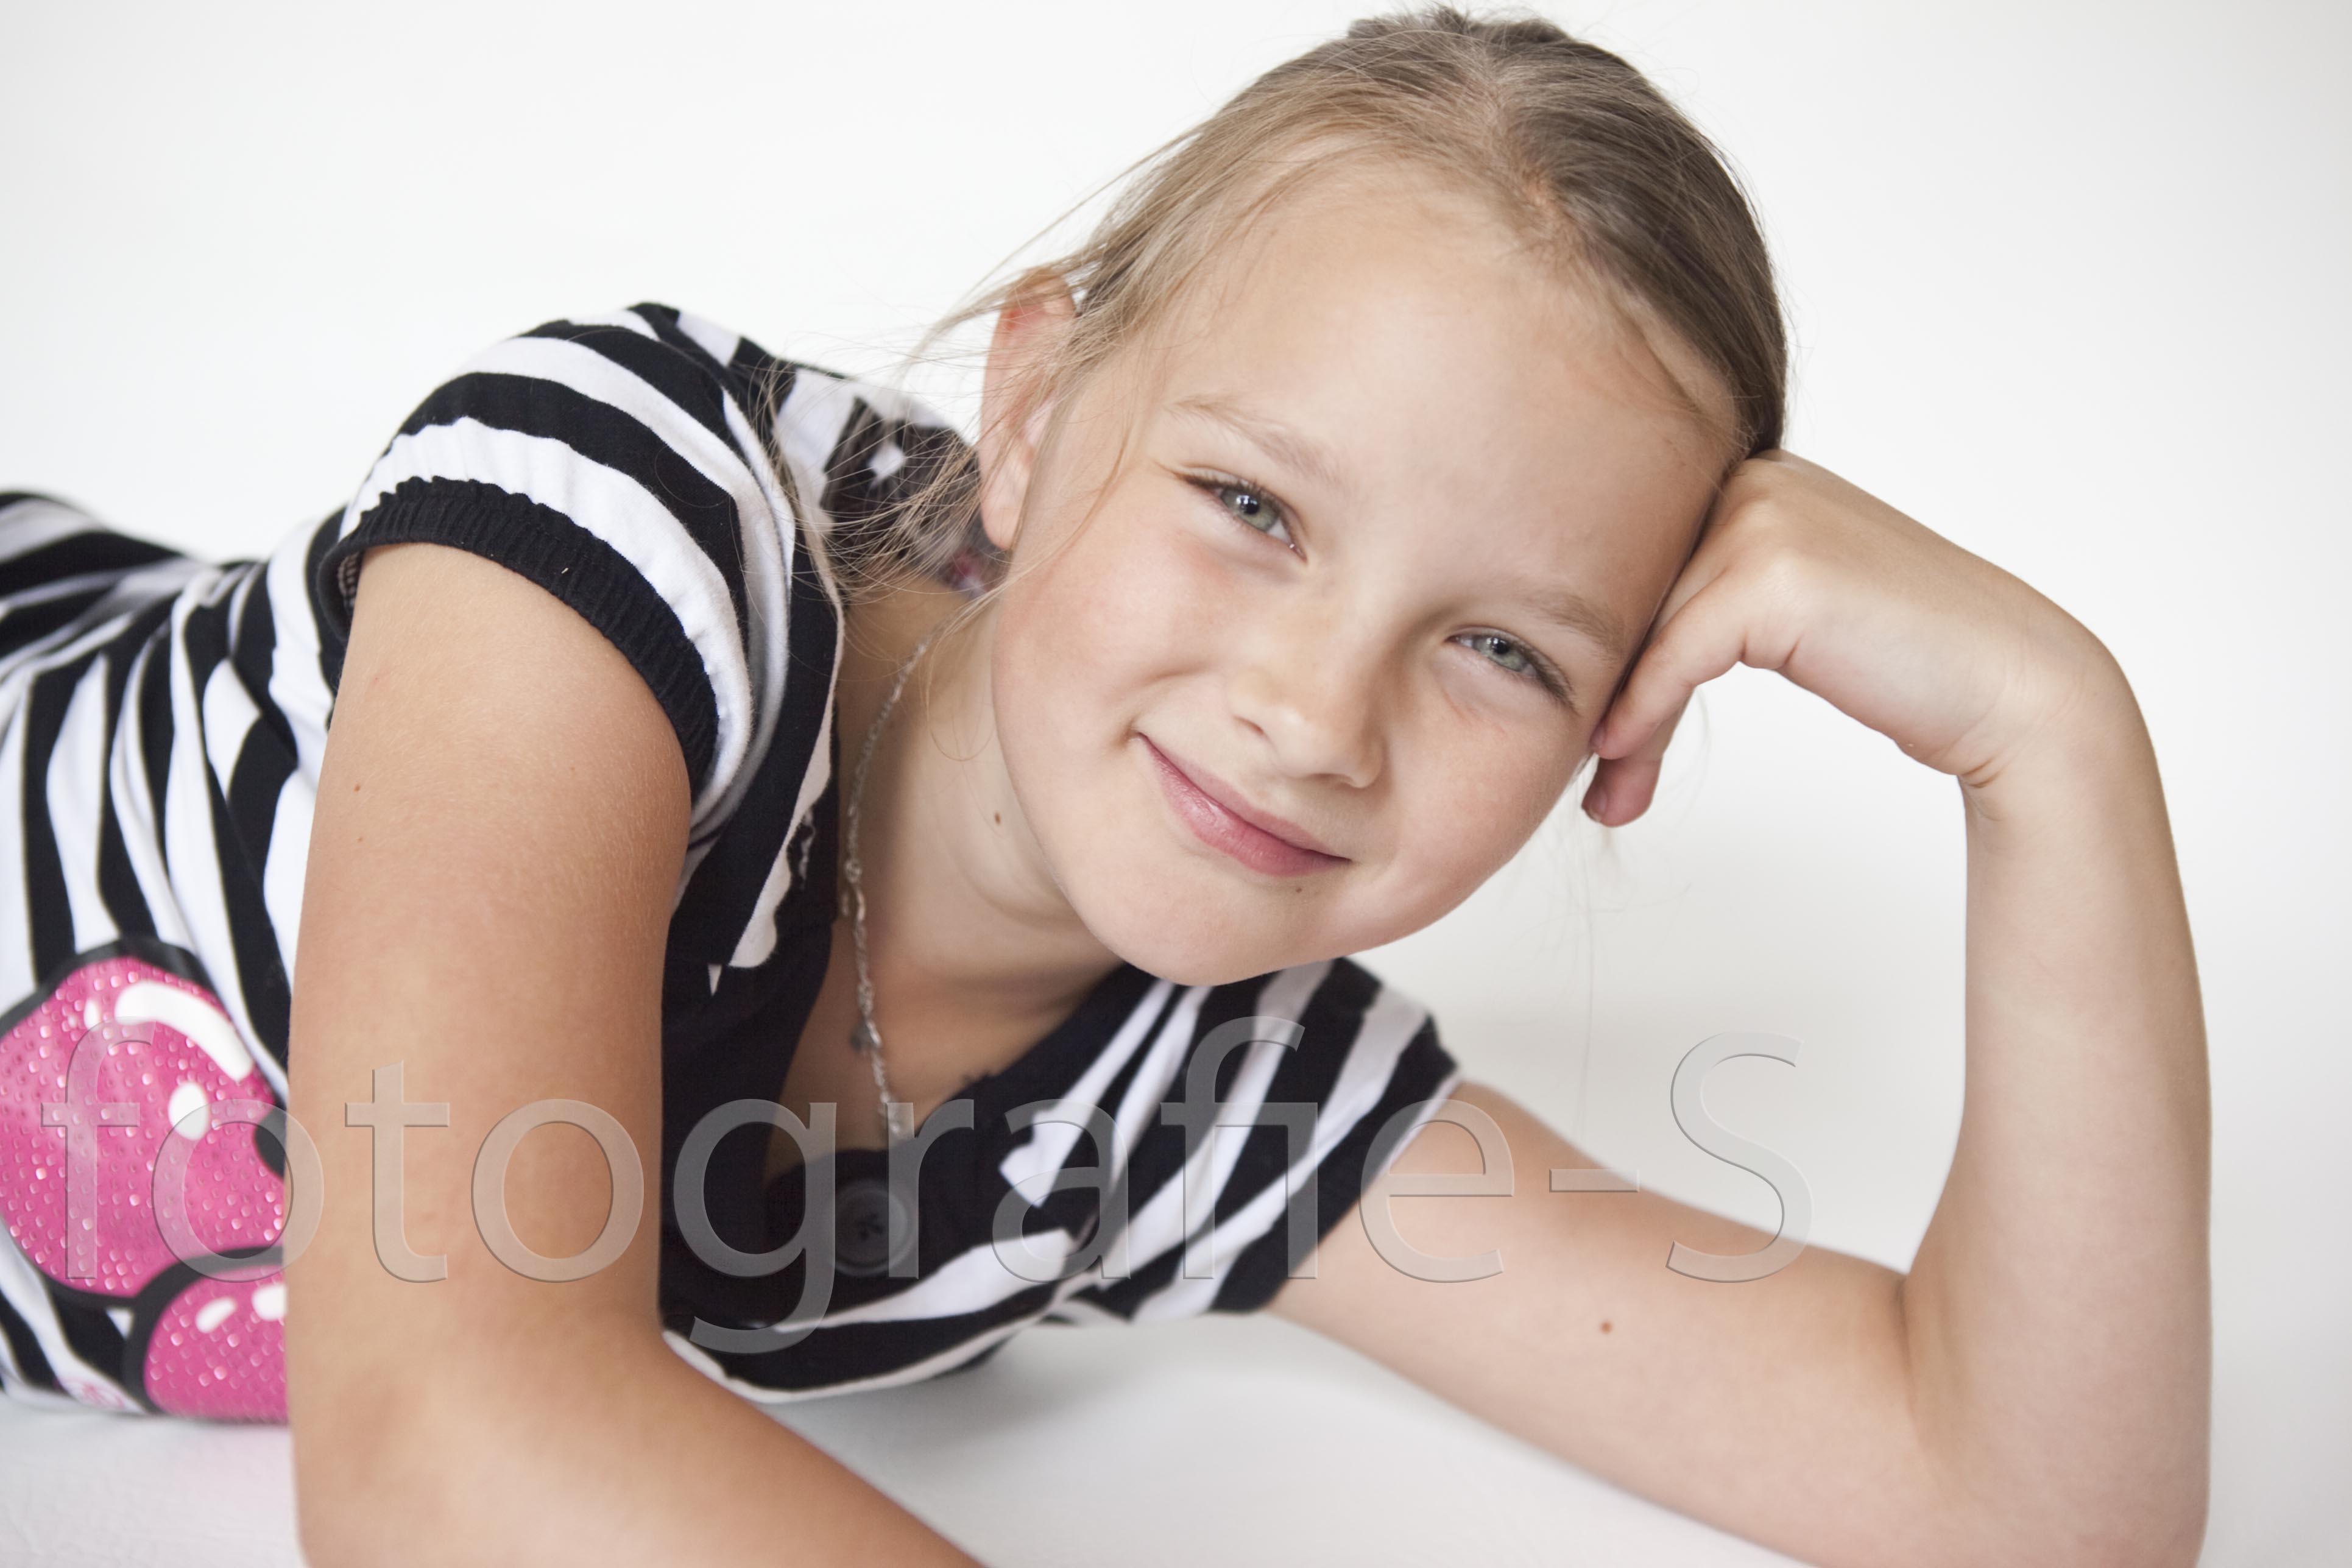 Fotografie-S fotograaf kinderen